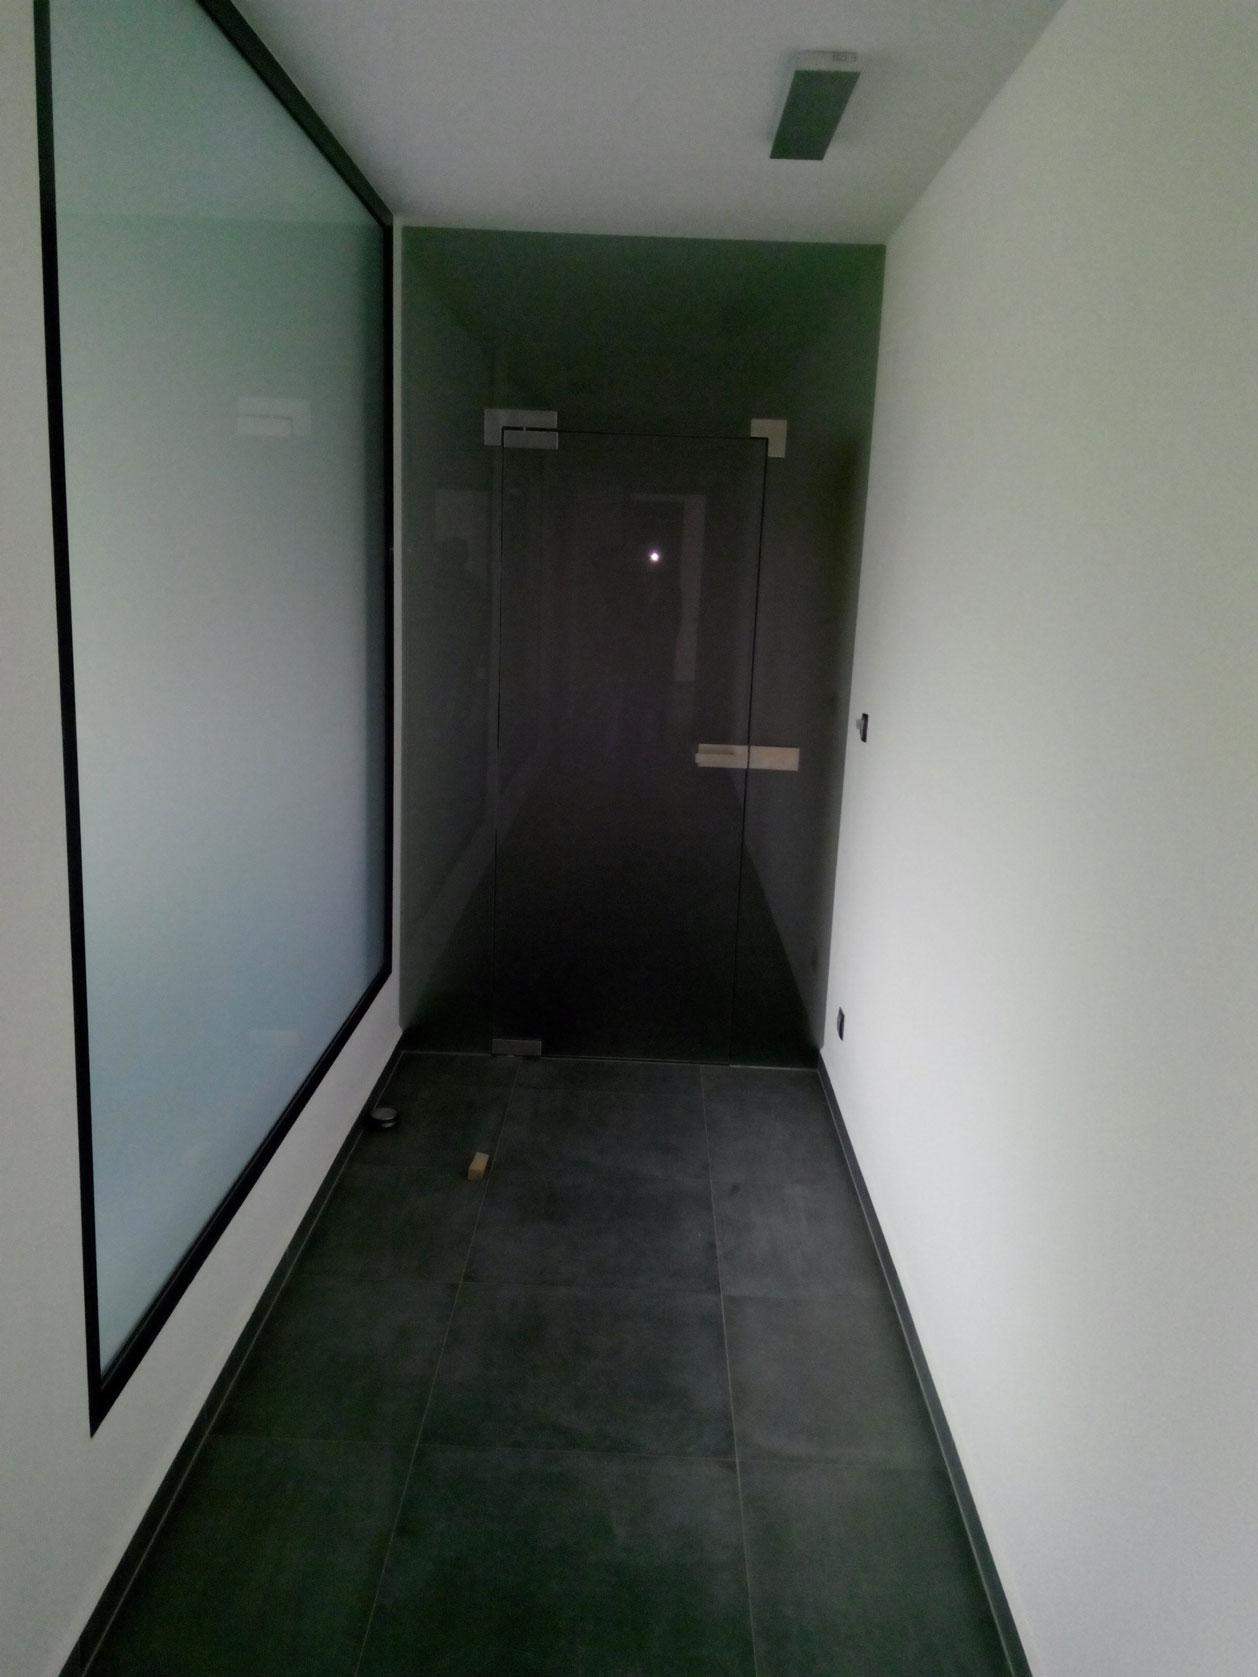 Sklenarstvi-Prerost-sklenene- steny-a-dvere (42)